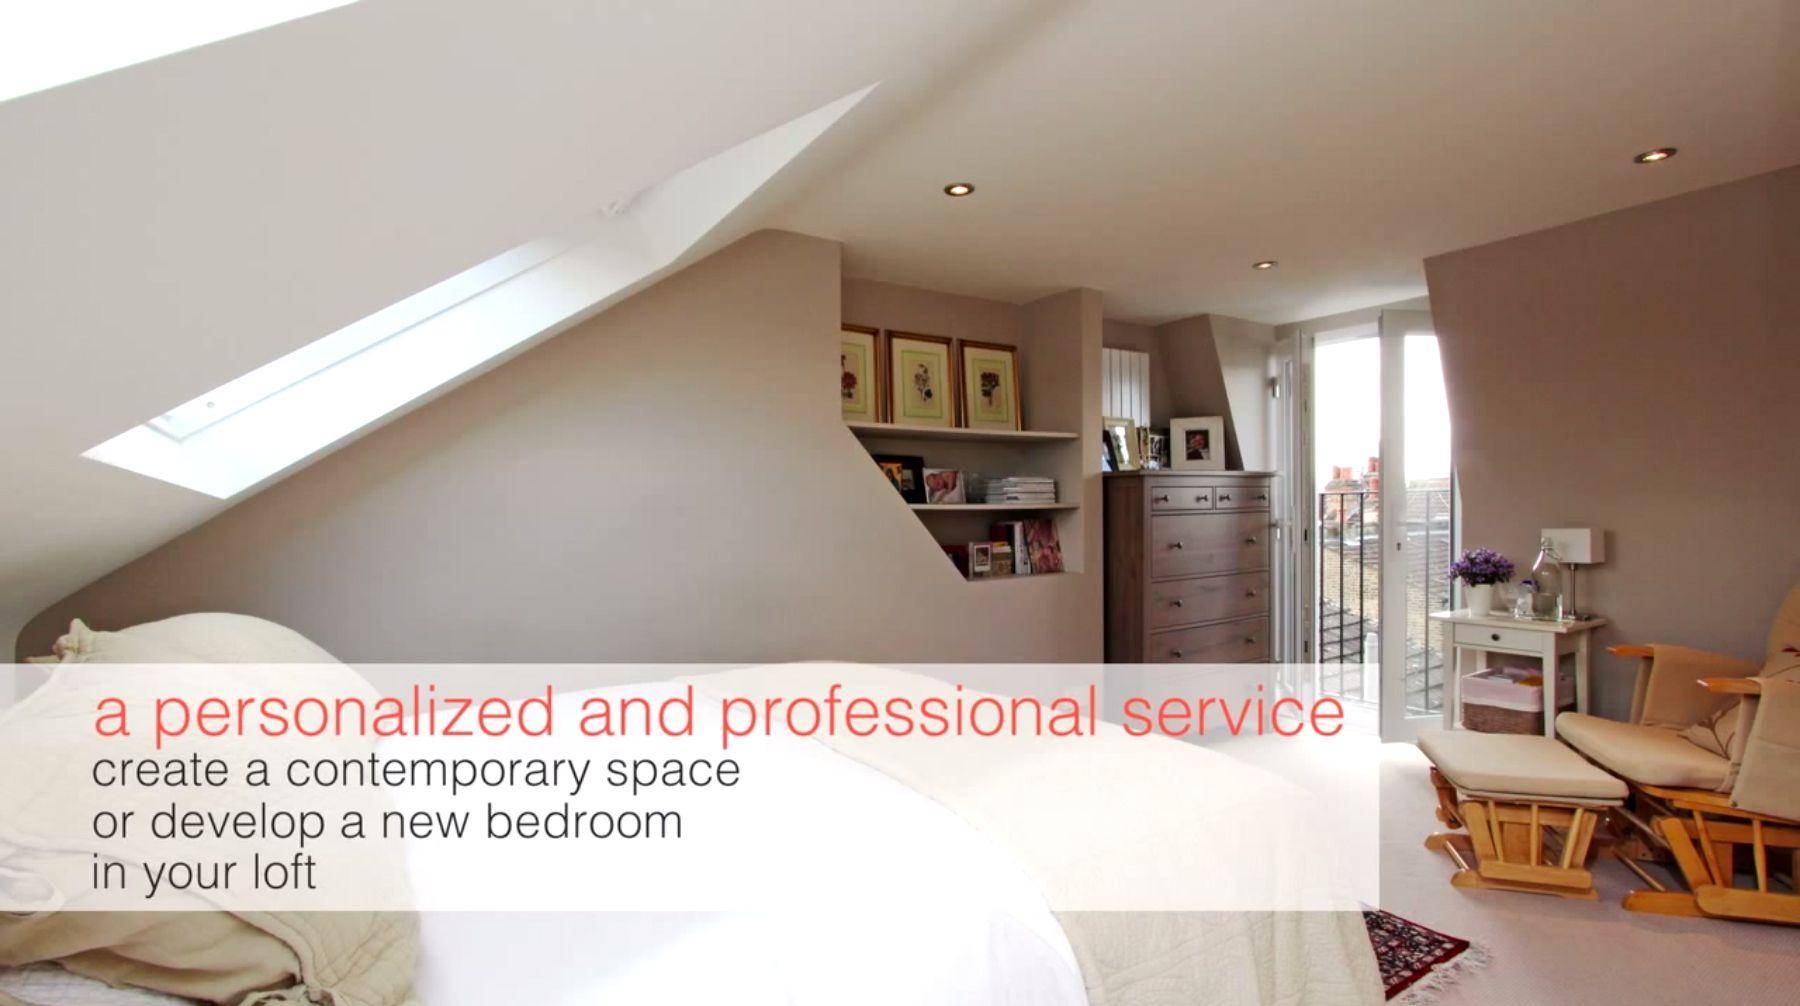 Dormer Loft Conversion Loft Conversion House Design Kitchen Loft Conversion Cost